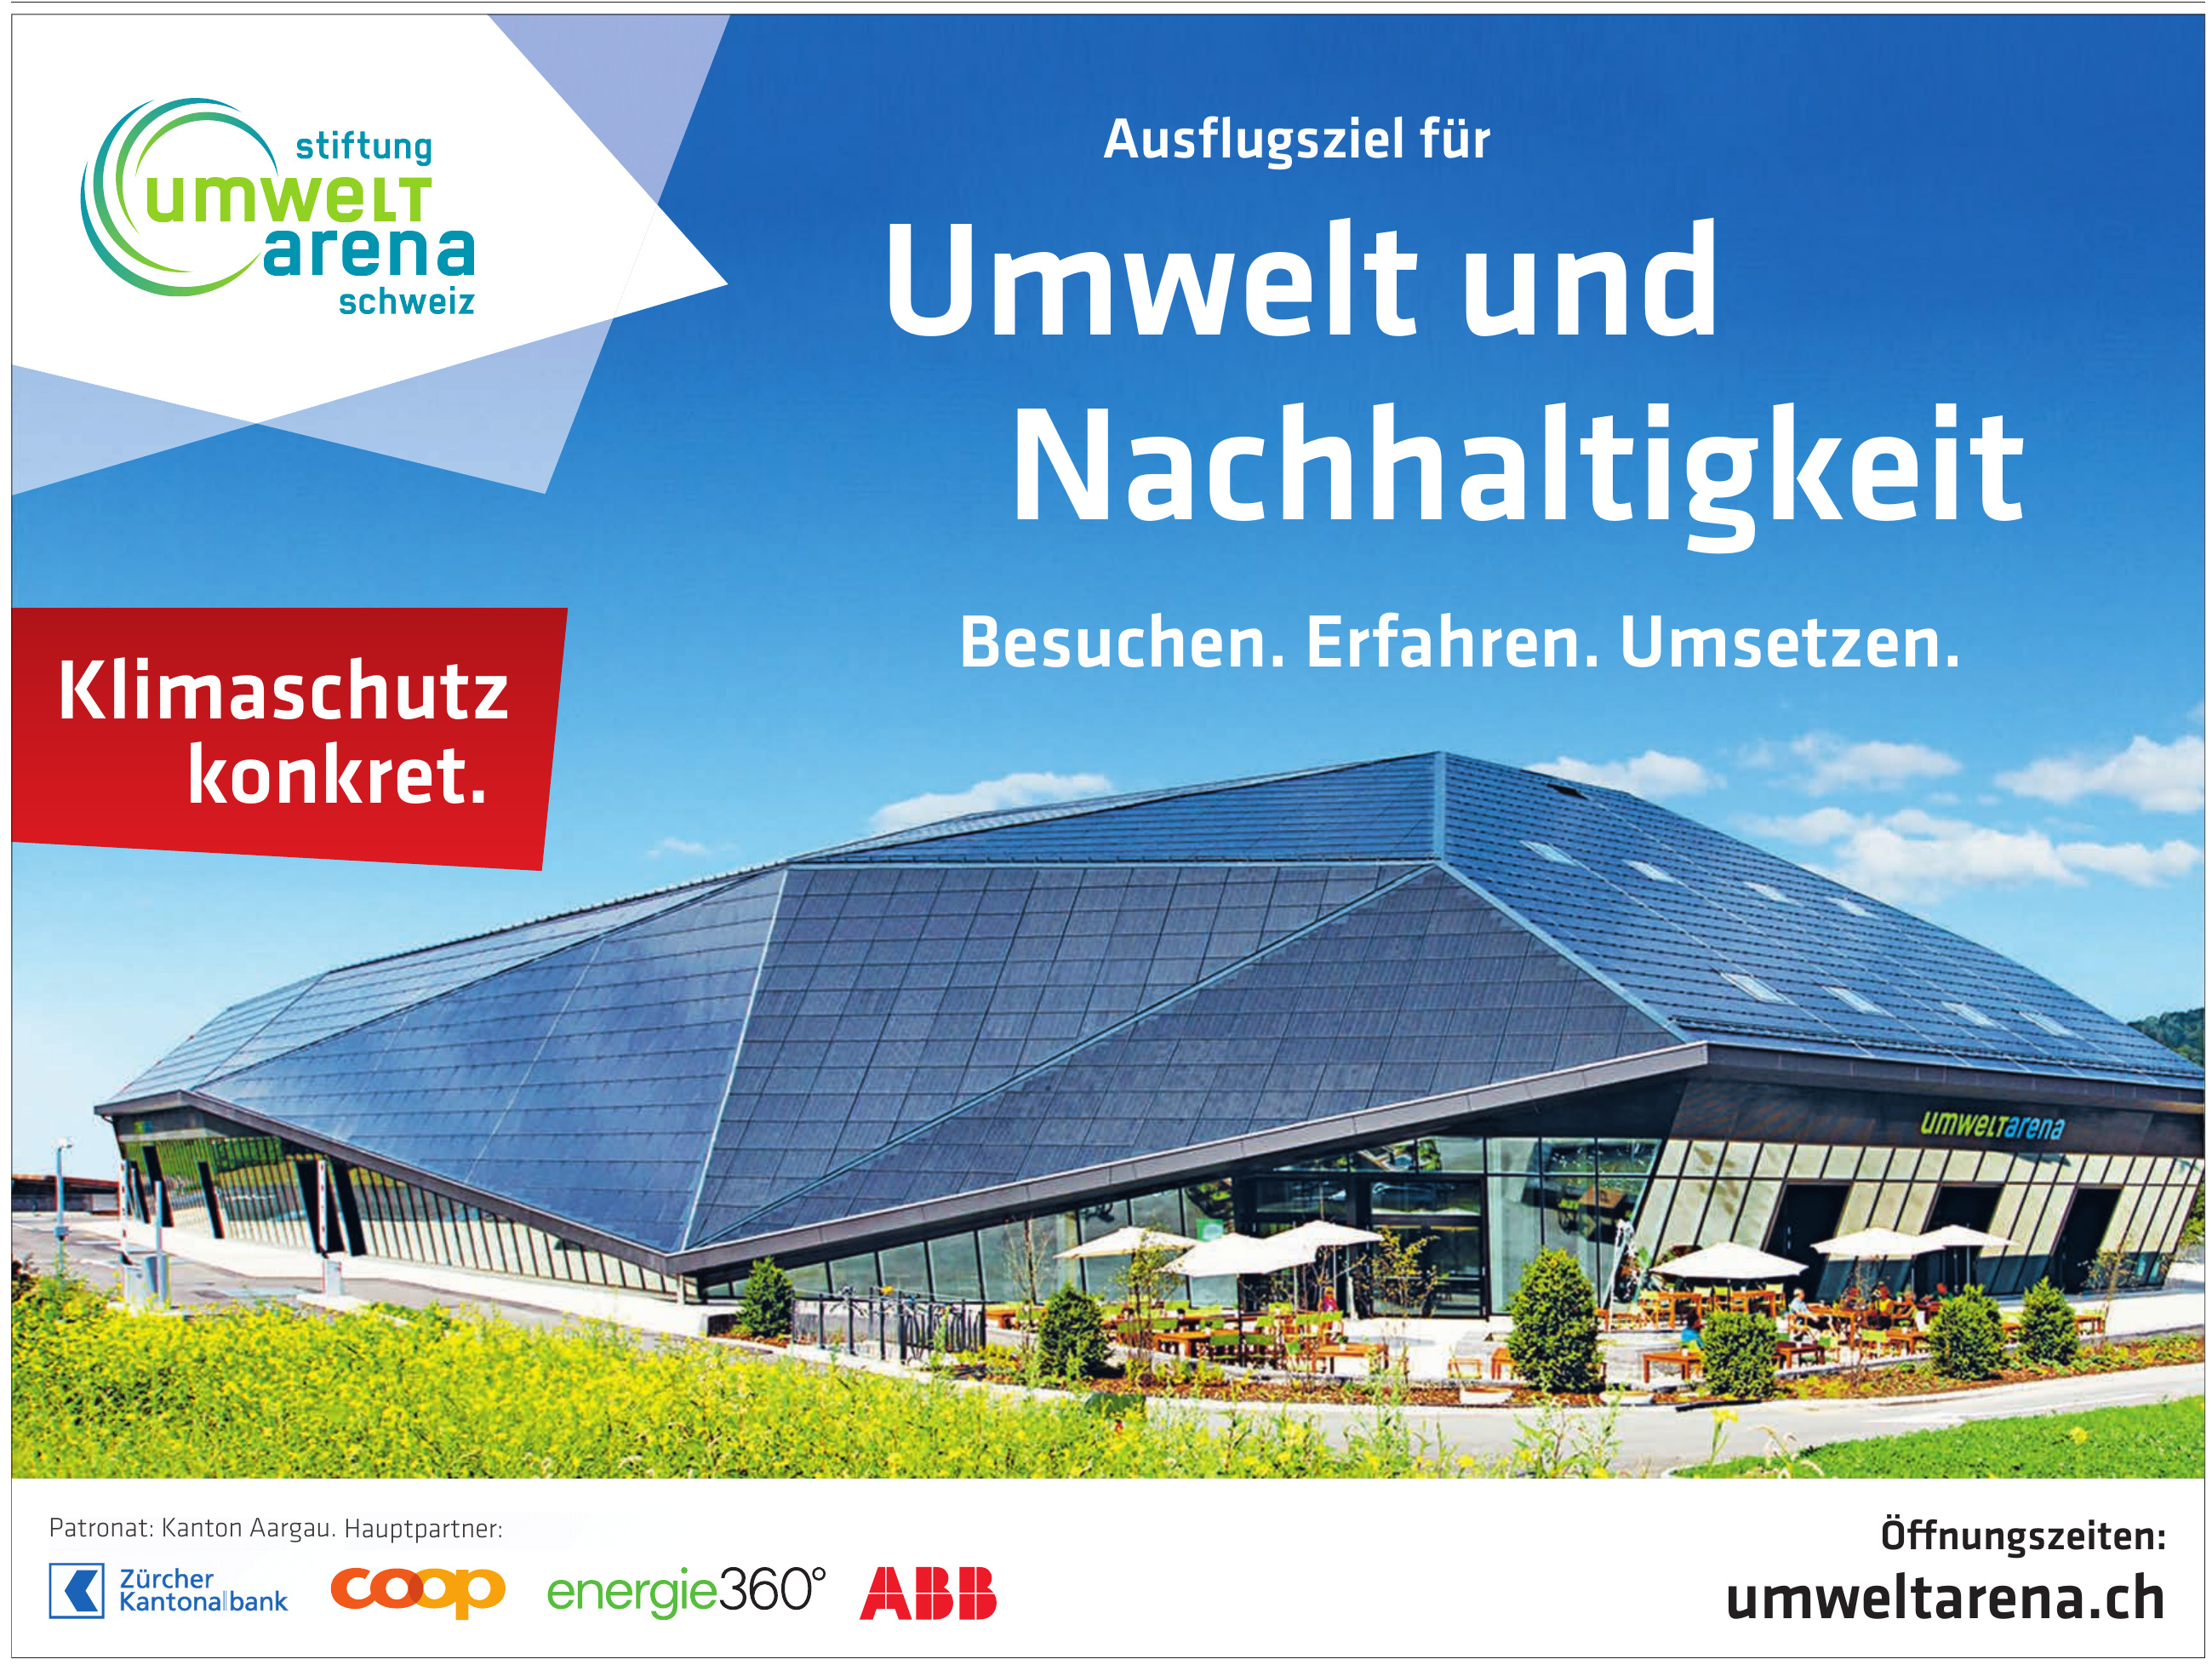 Stiftung Umweltarena Schweiz